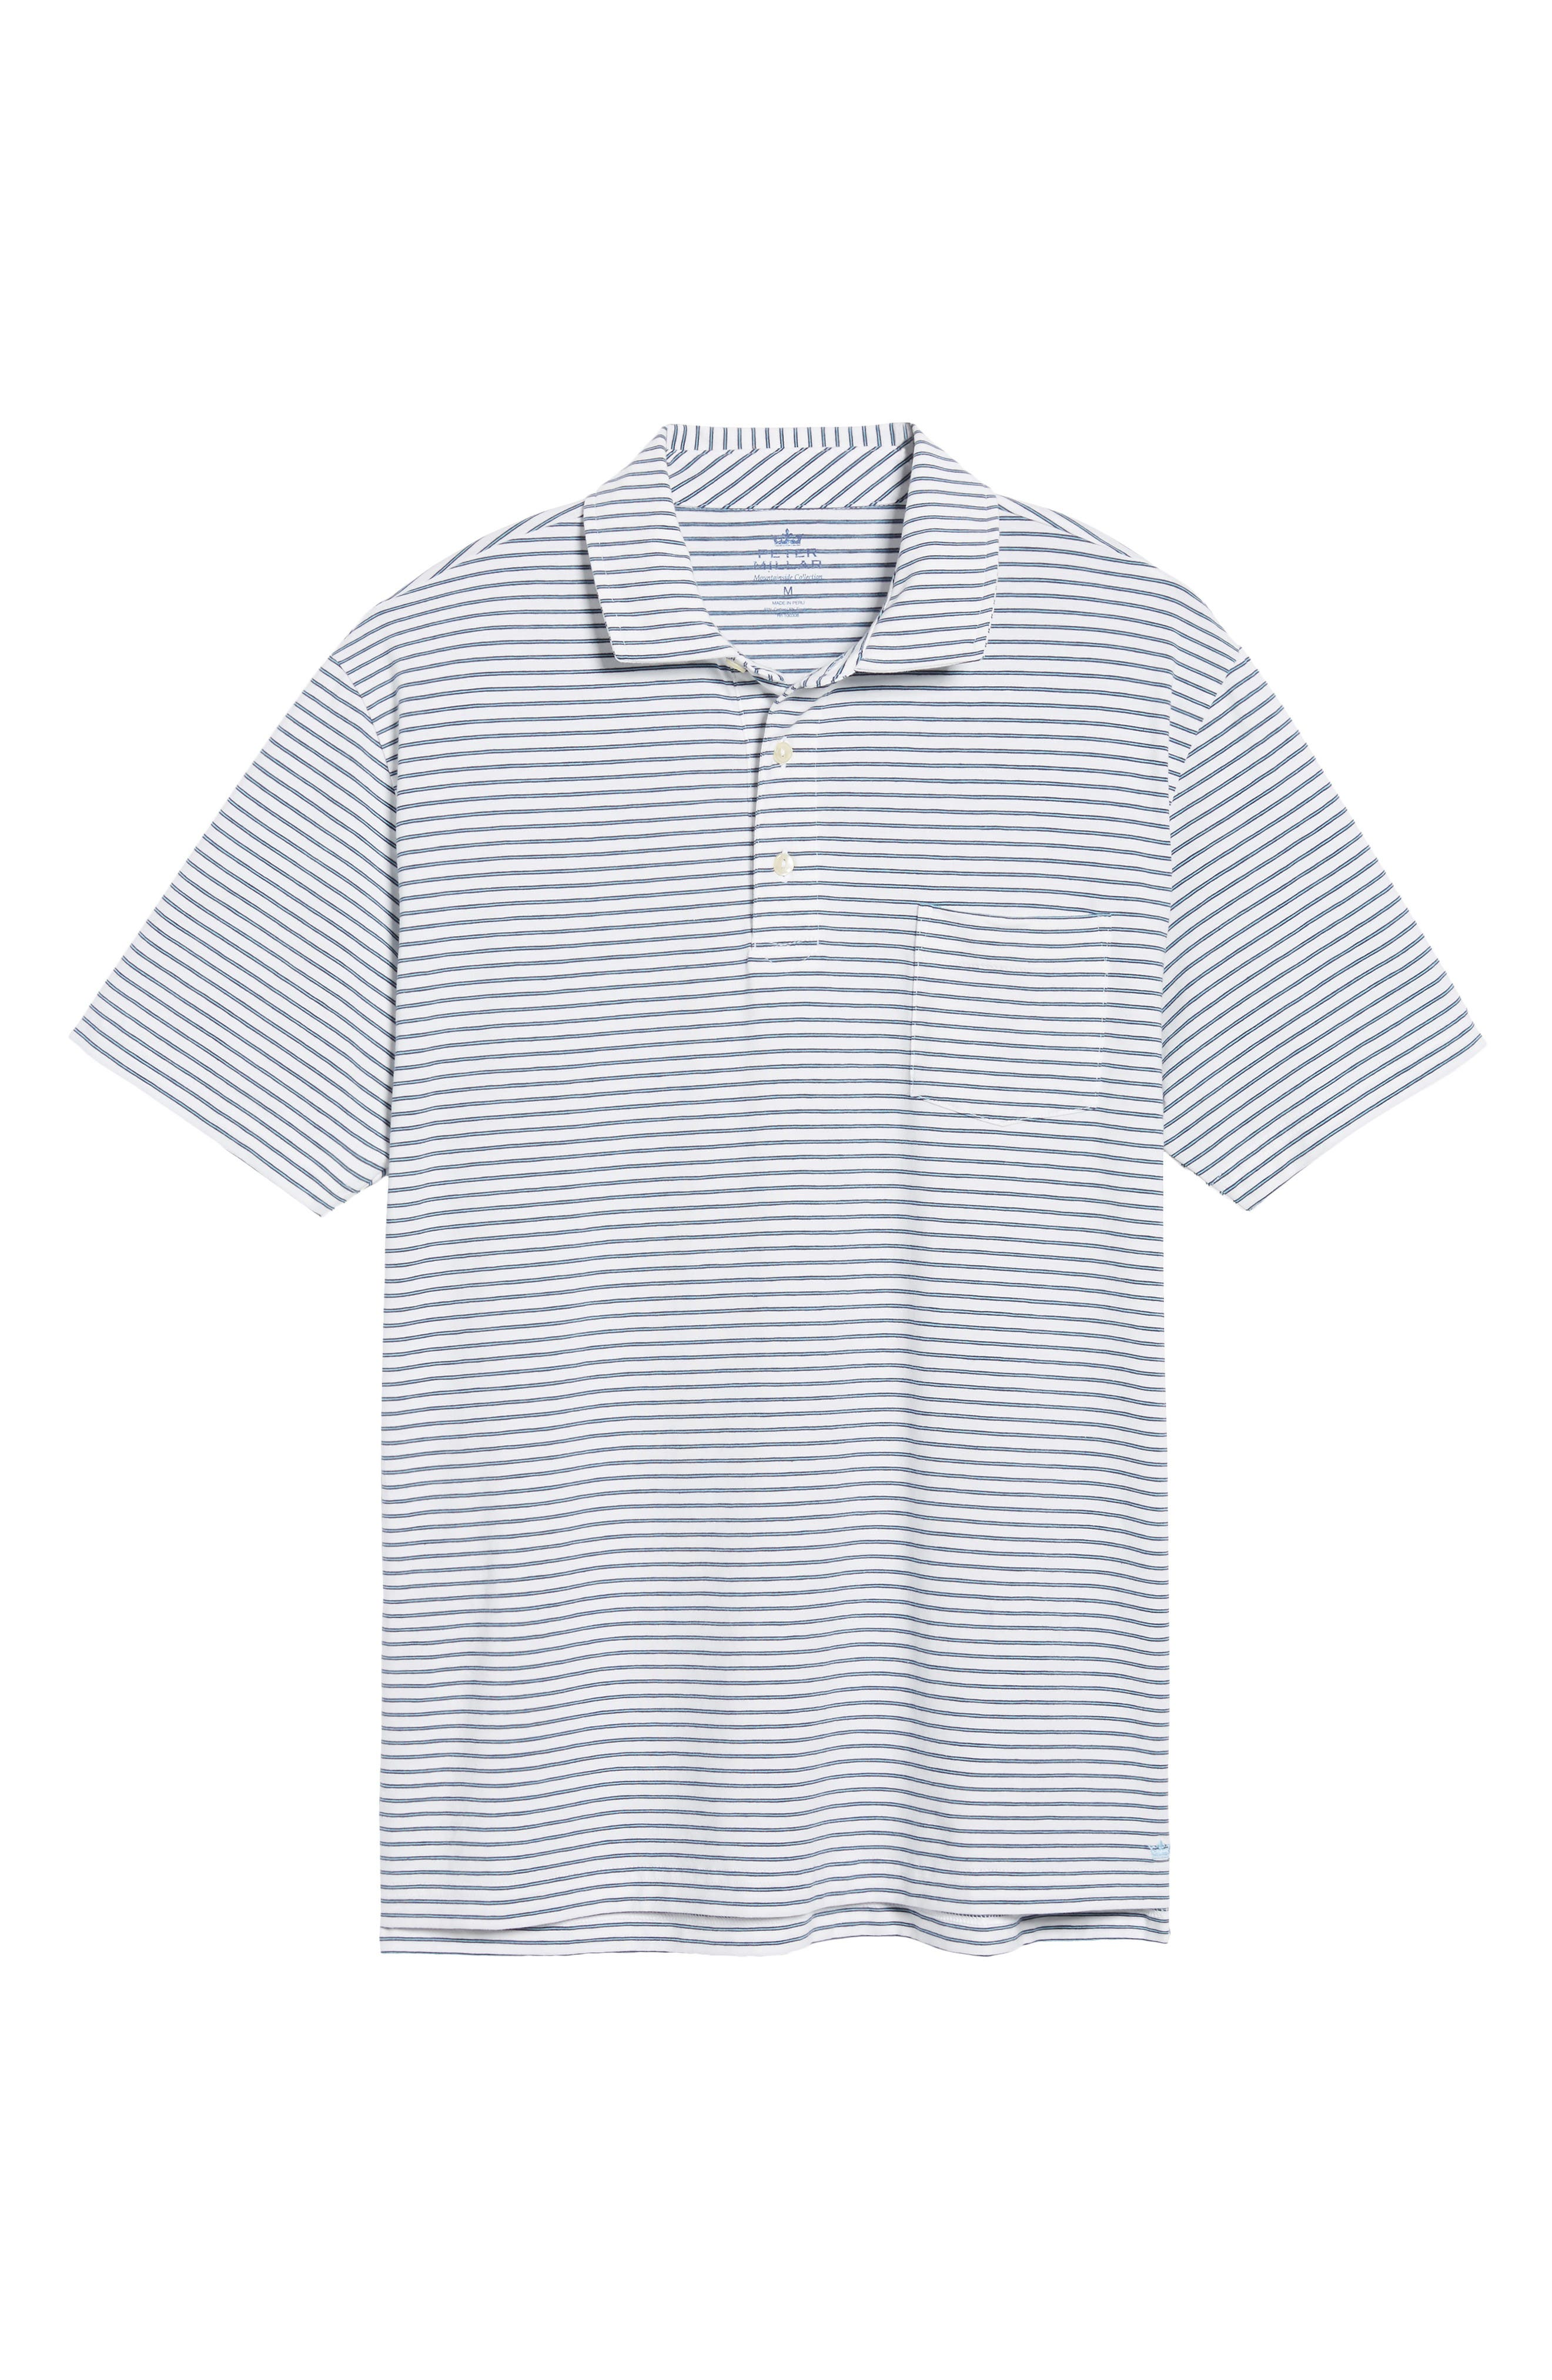 Stratton Mountainside Stripe Jersey Polo,                             Alternate thumbnail 5, color,                             White